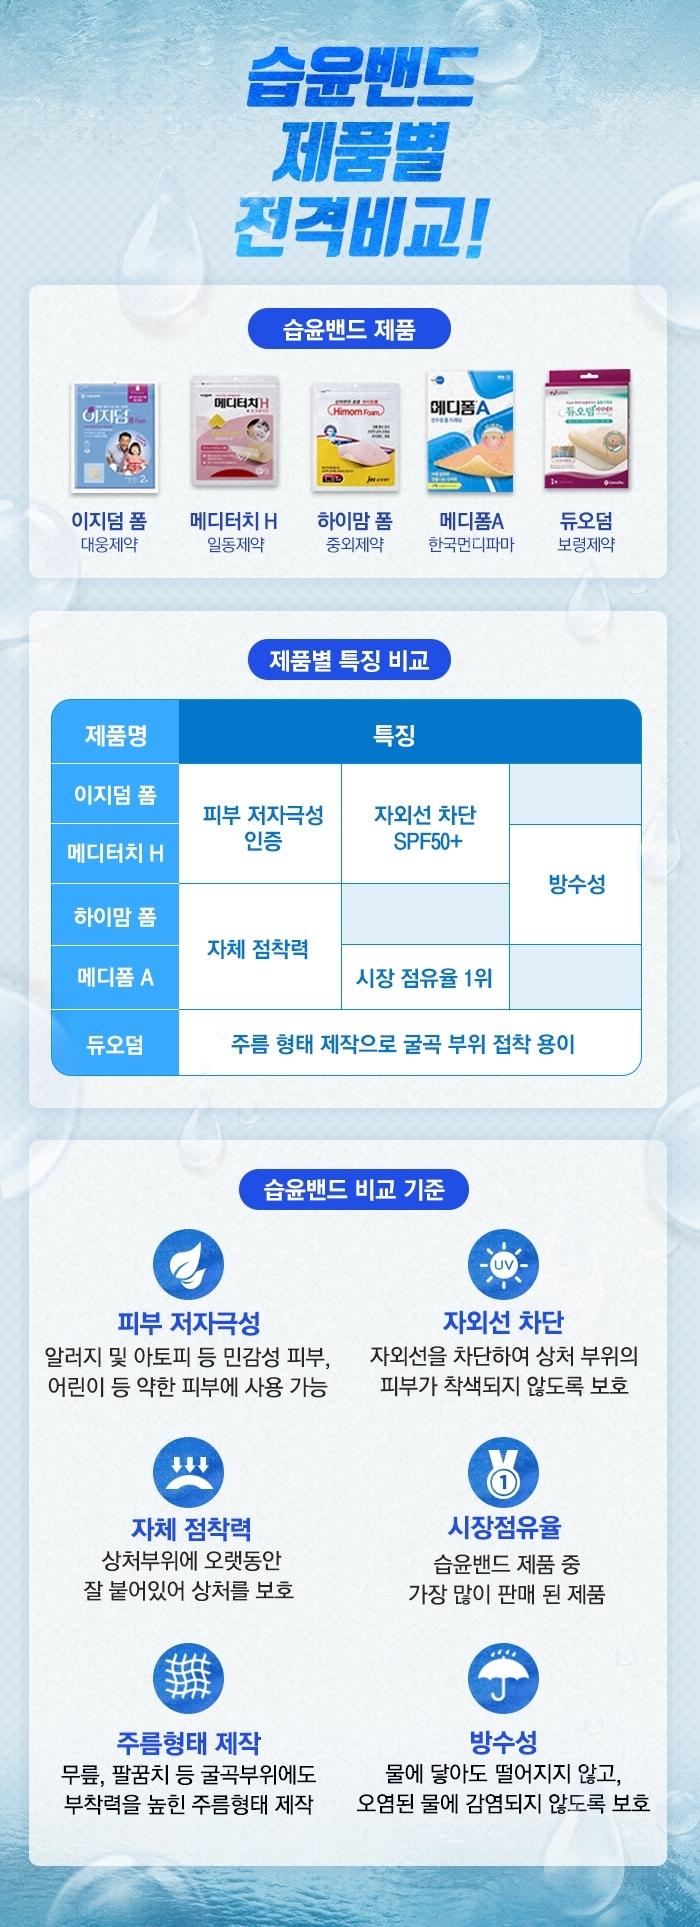 습윤밴드 제품별 비교